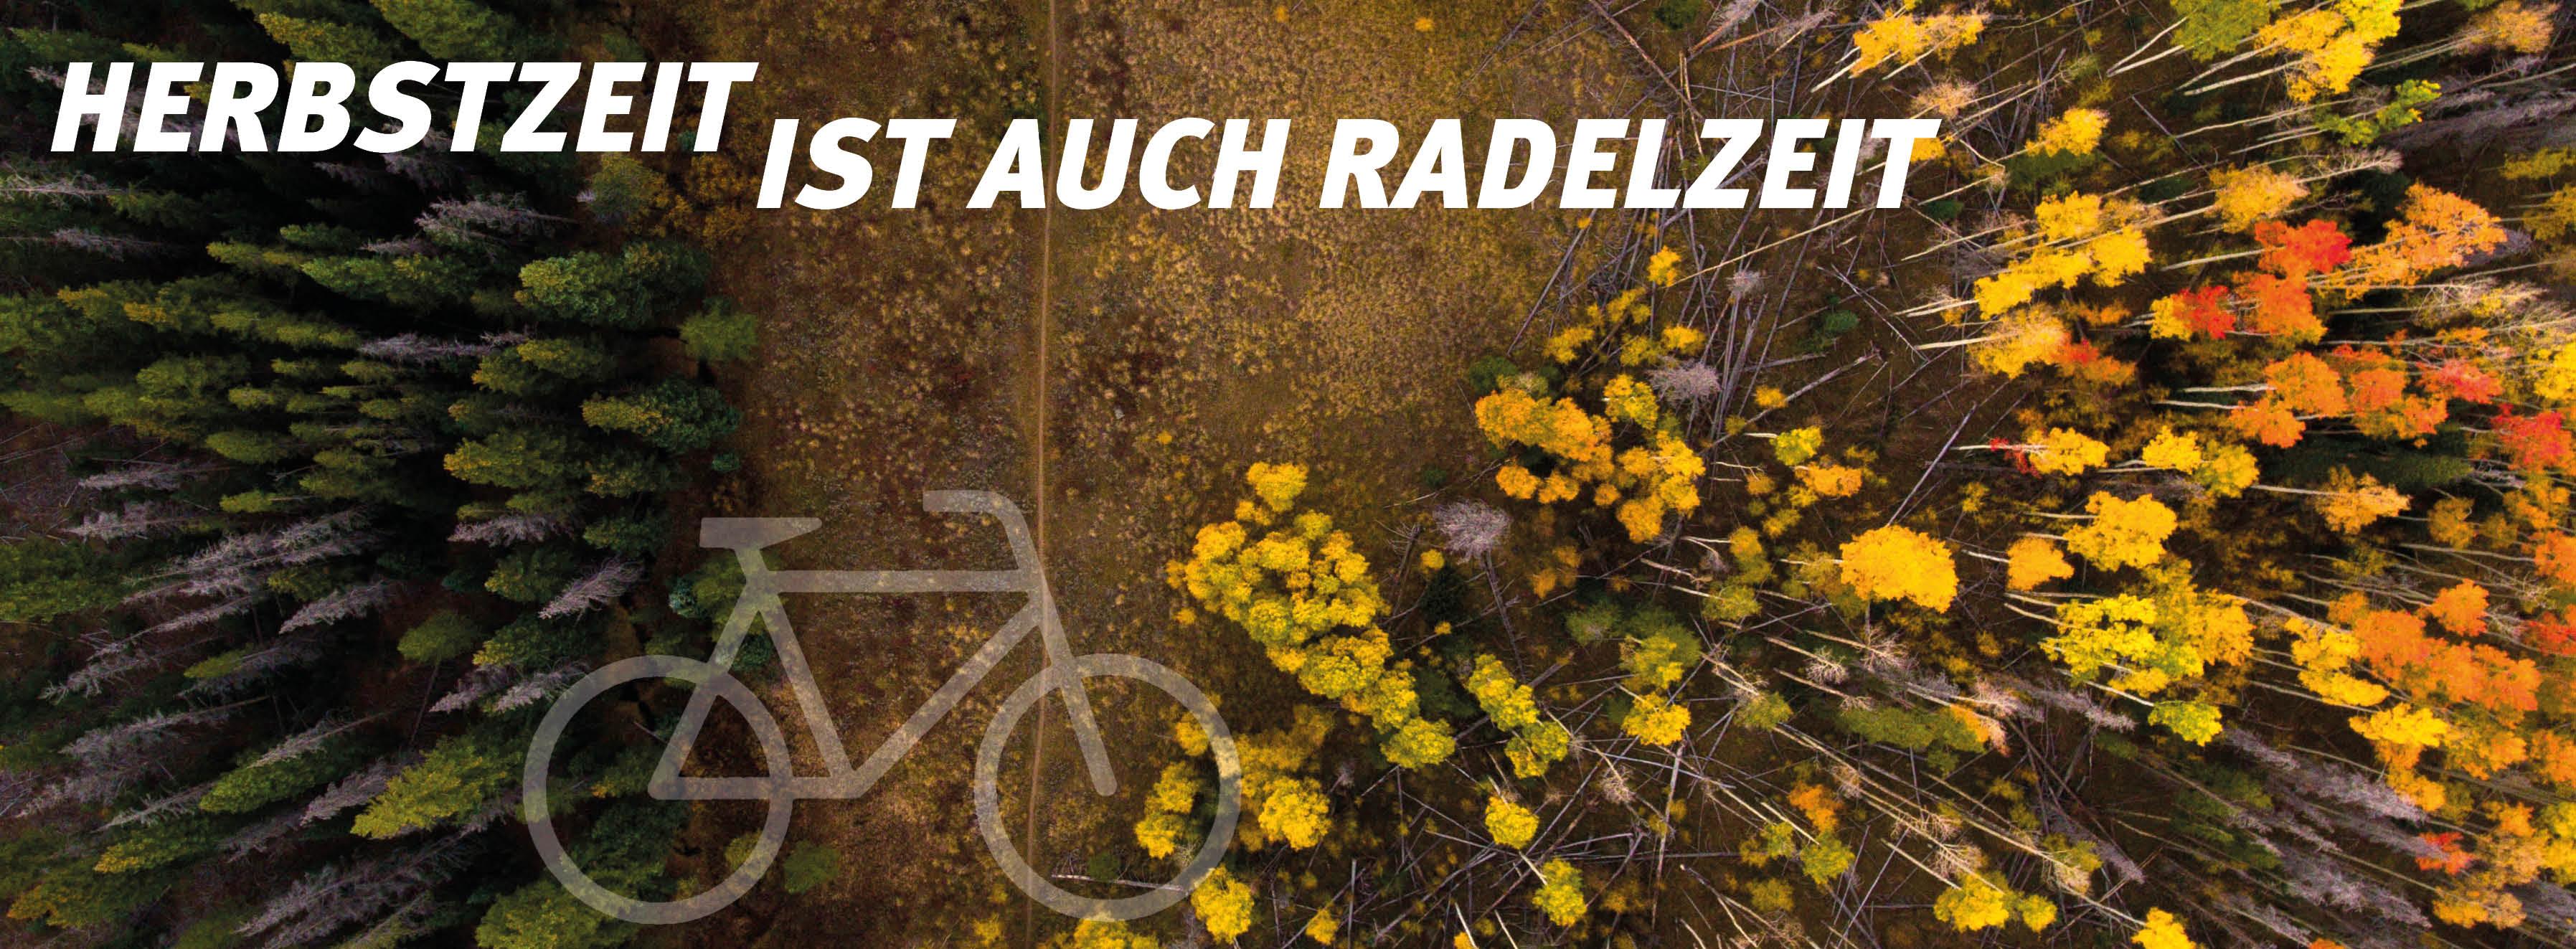 Radeln im Herbst